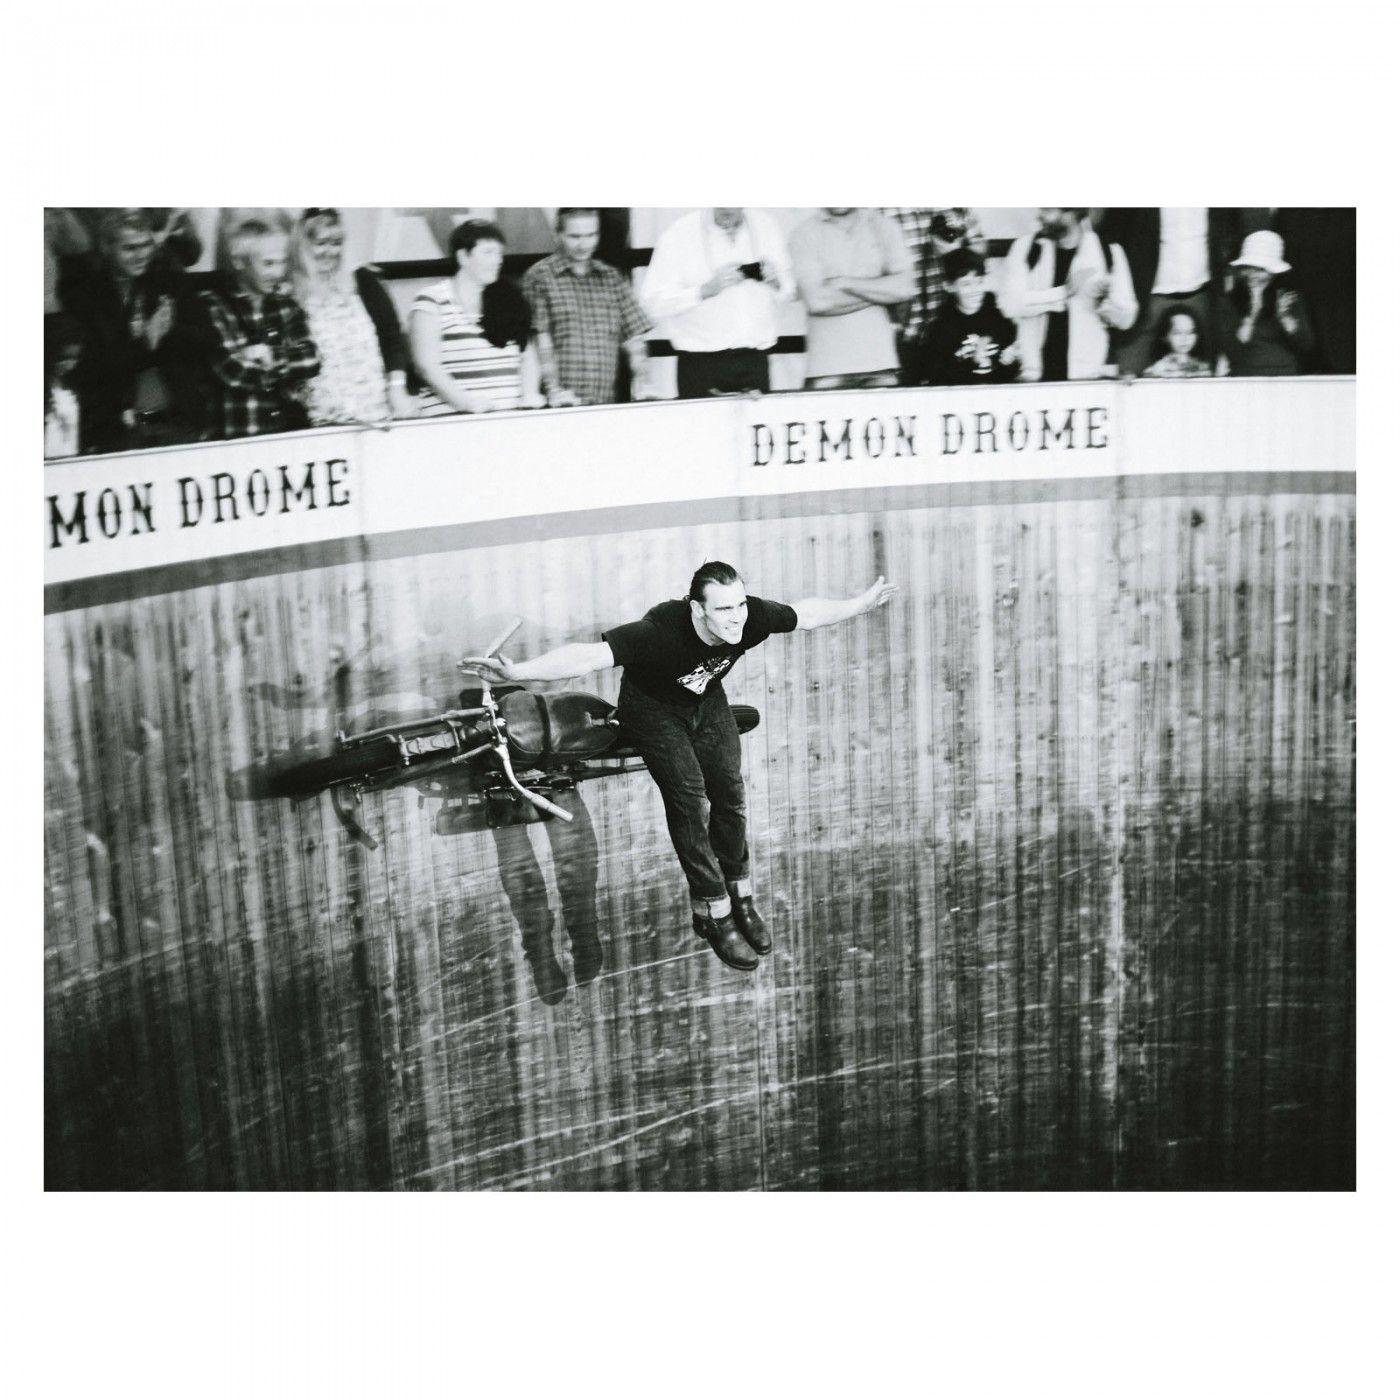 DAVID MARVIER // PHOTOGRAPHIE DEMON DROME - Le shop 4h10